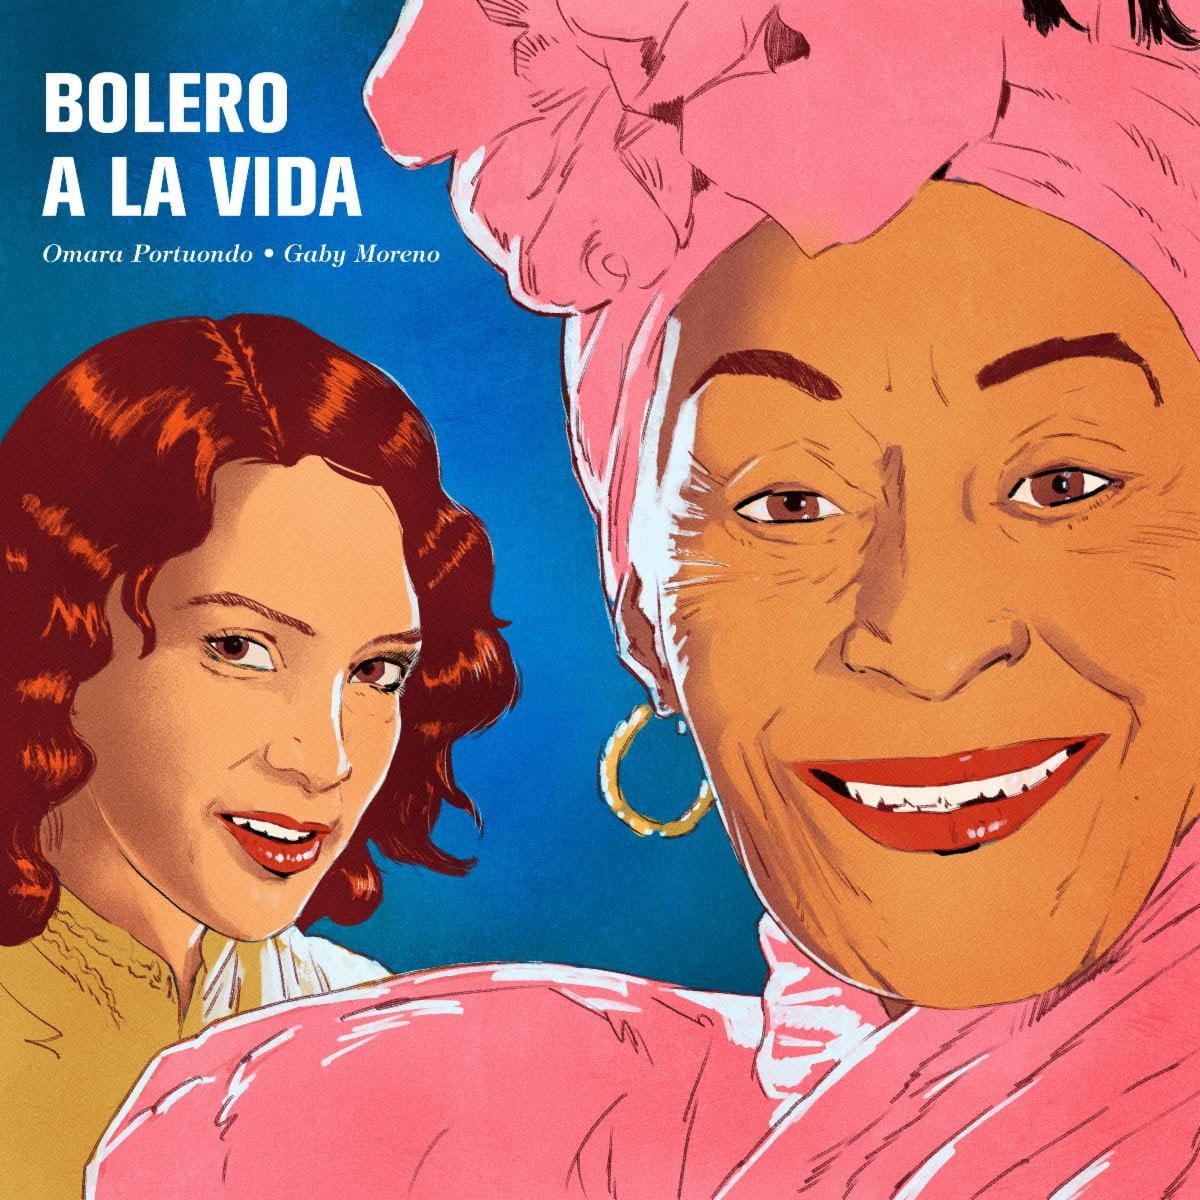 gaby moreno presents bolero a la vida ft omara portuondo unnamed 19